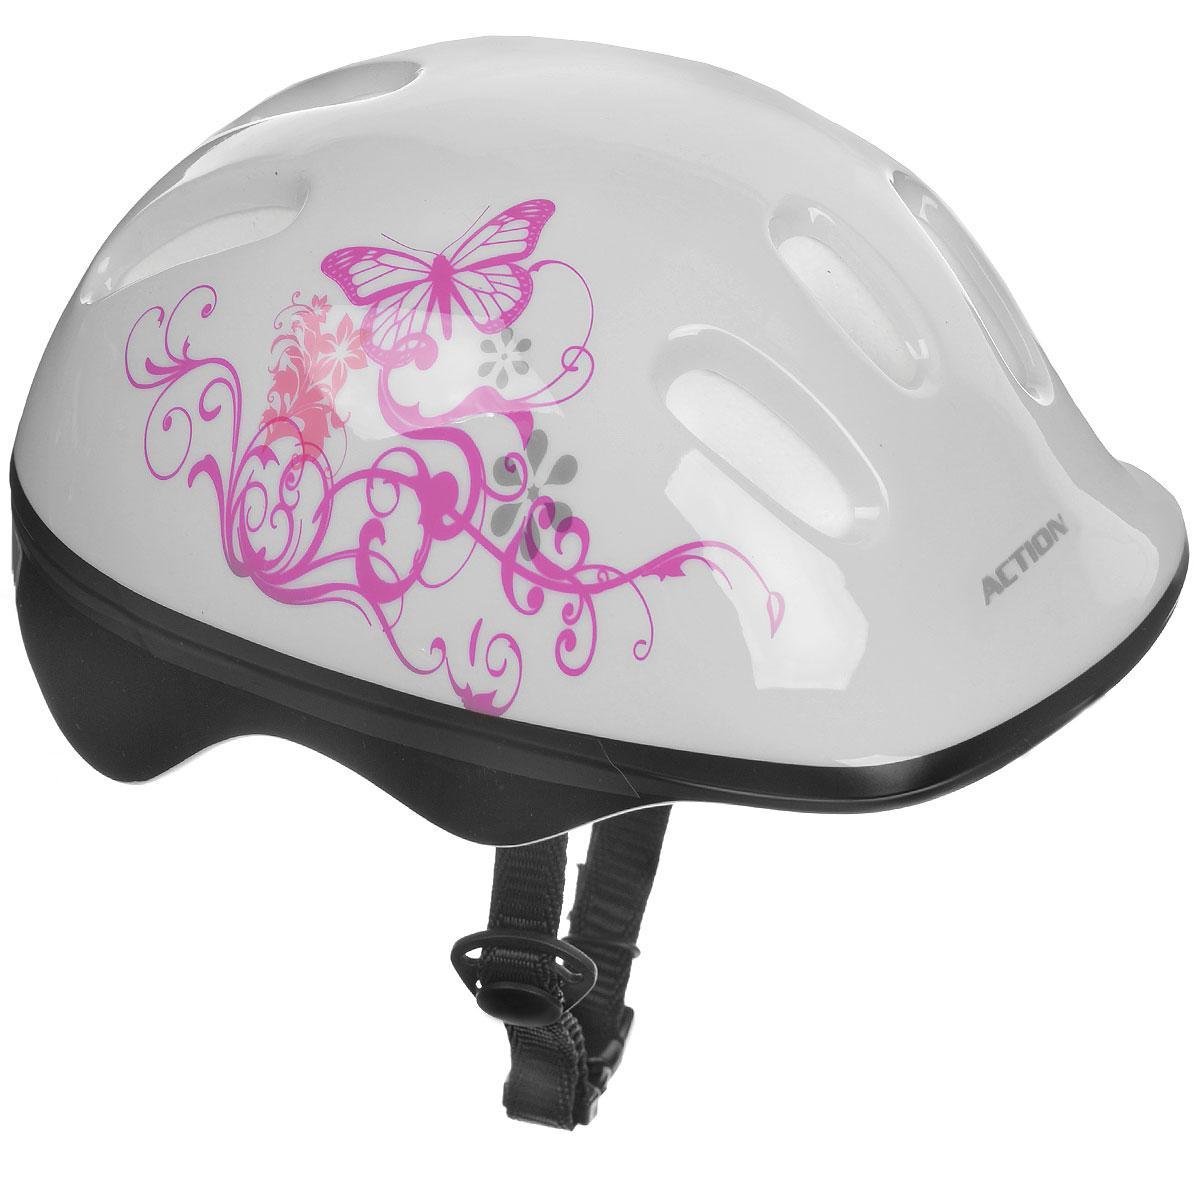 """Шлем """"Action"""" послужит отличной защитой для ребенка во время катания на роликах или велосипеде.Он выполнен из плотного вспененного пенопласта, покрытого пластиковой пленкой и отлично сидит на голове, благодаря мягким вставкам на внутренней стороне. Шлем снабжен системой вентиляции и крепится при помощи удобного регулируемого ремня с пластиковым карабином, застегивающимся на подбородке.  Гид по велоаксессуарам. Статья OZON Гид"""